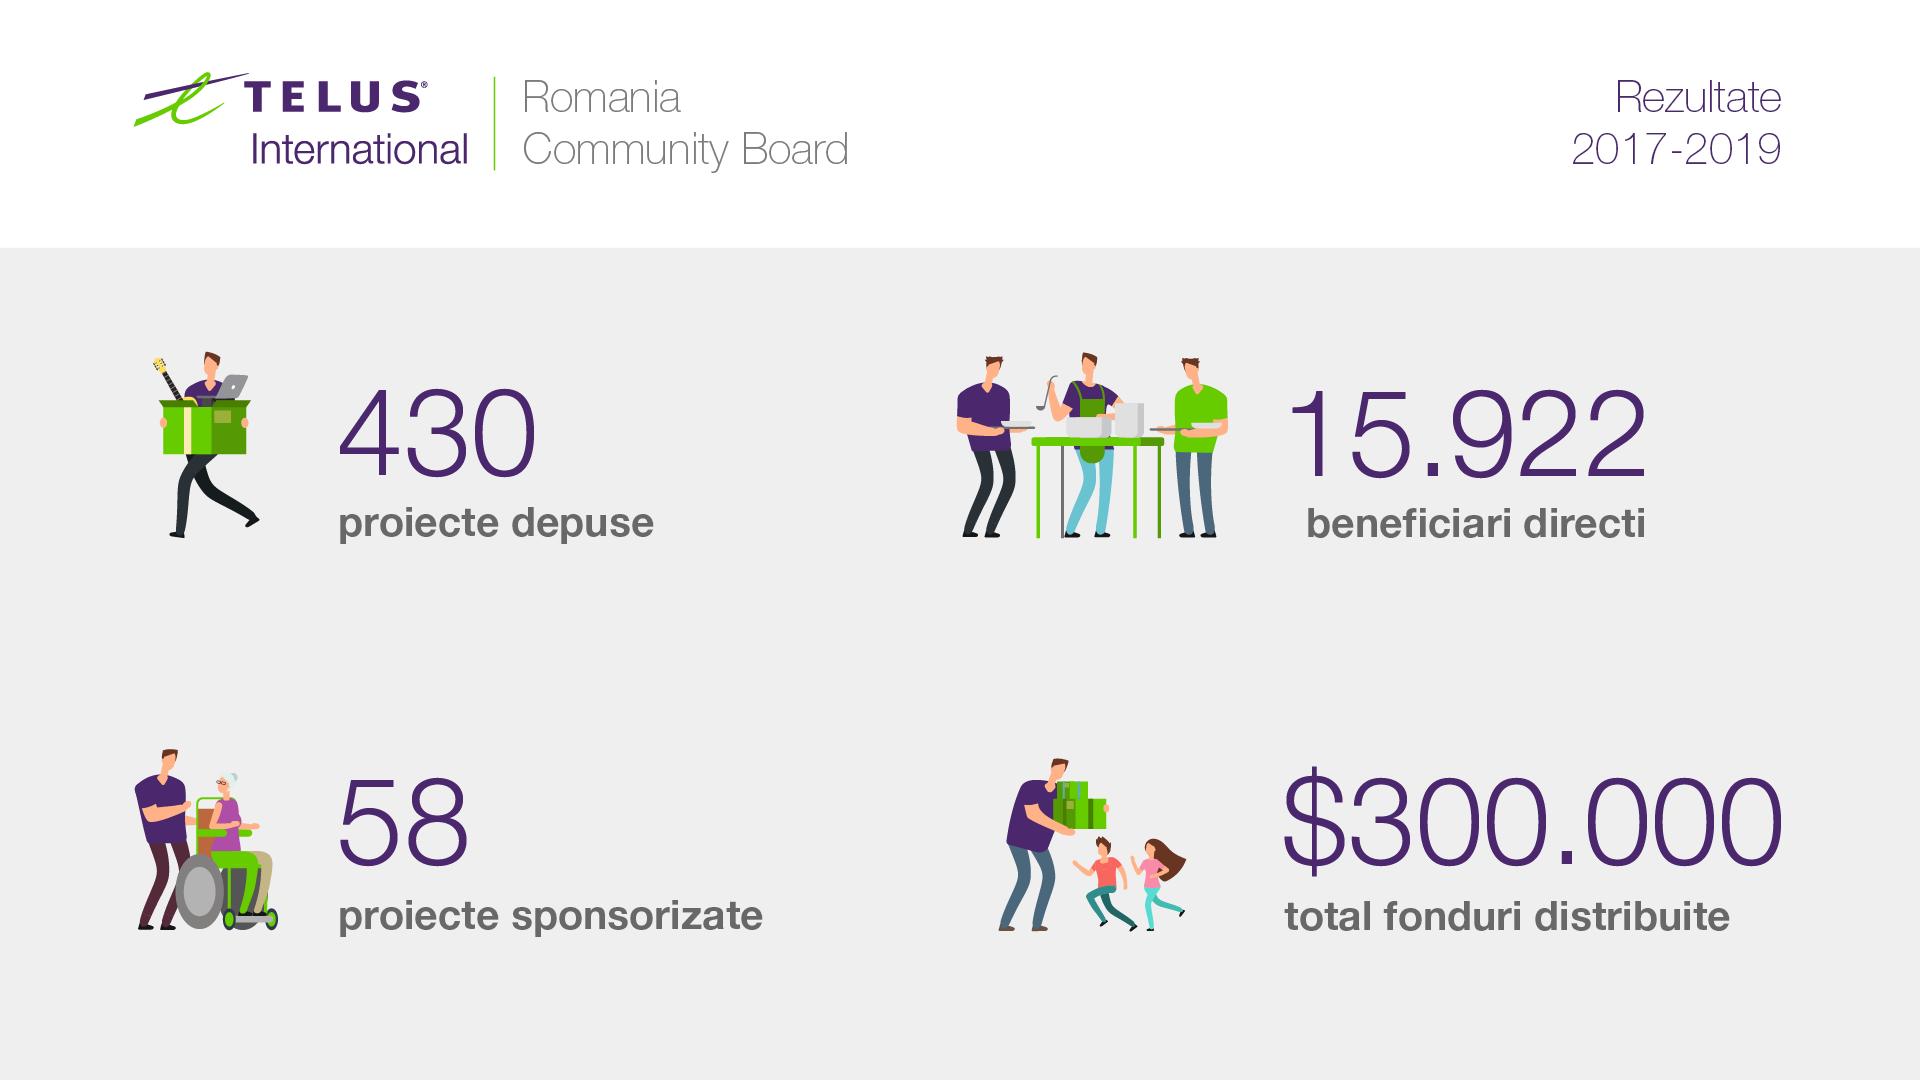 Fundația TELUS International Romania oferă pentru al 4-lea an consecutiv granturi în valoare de 100.000 USD